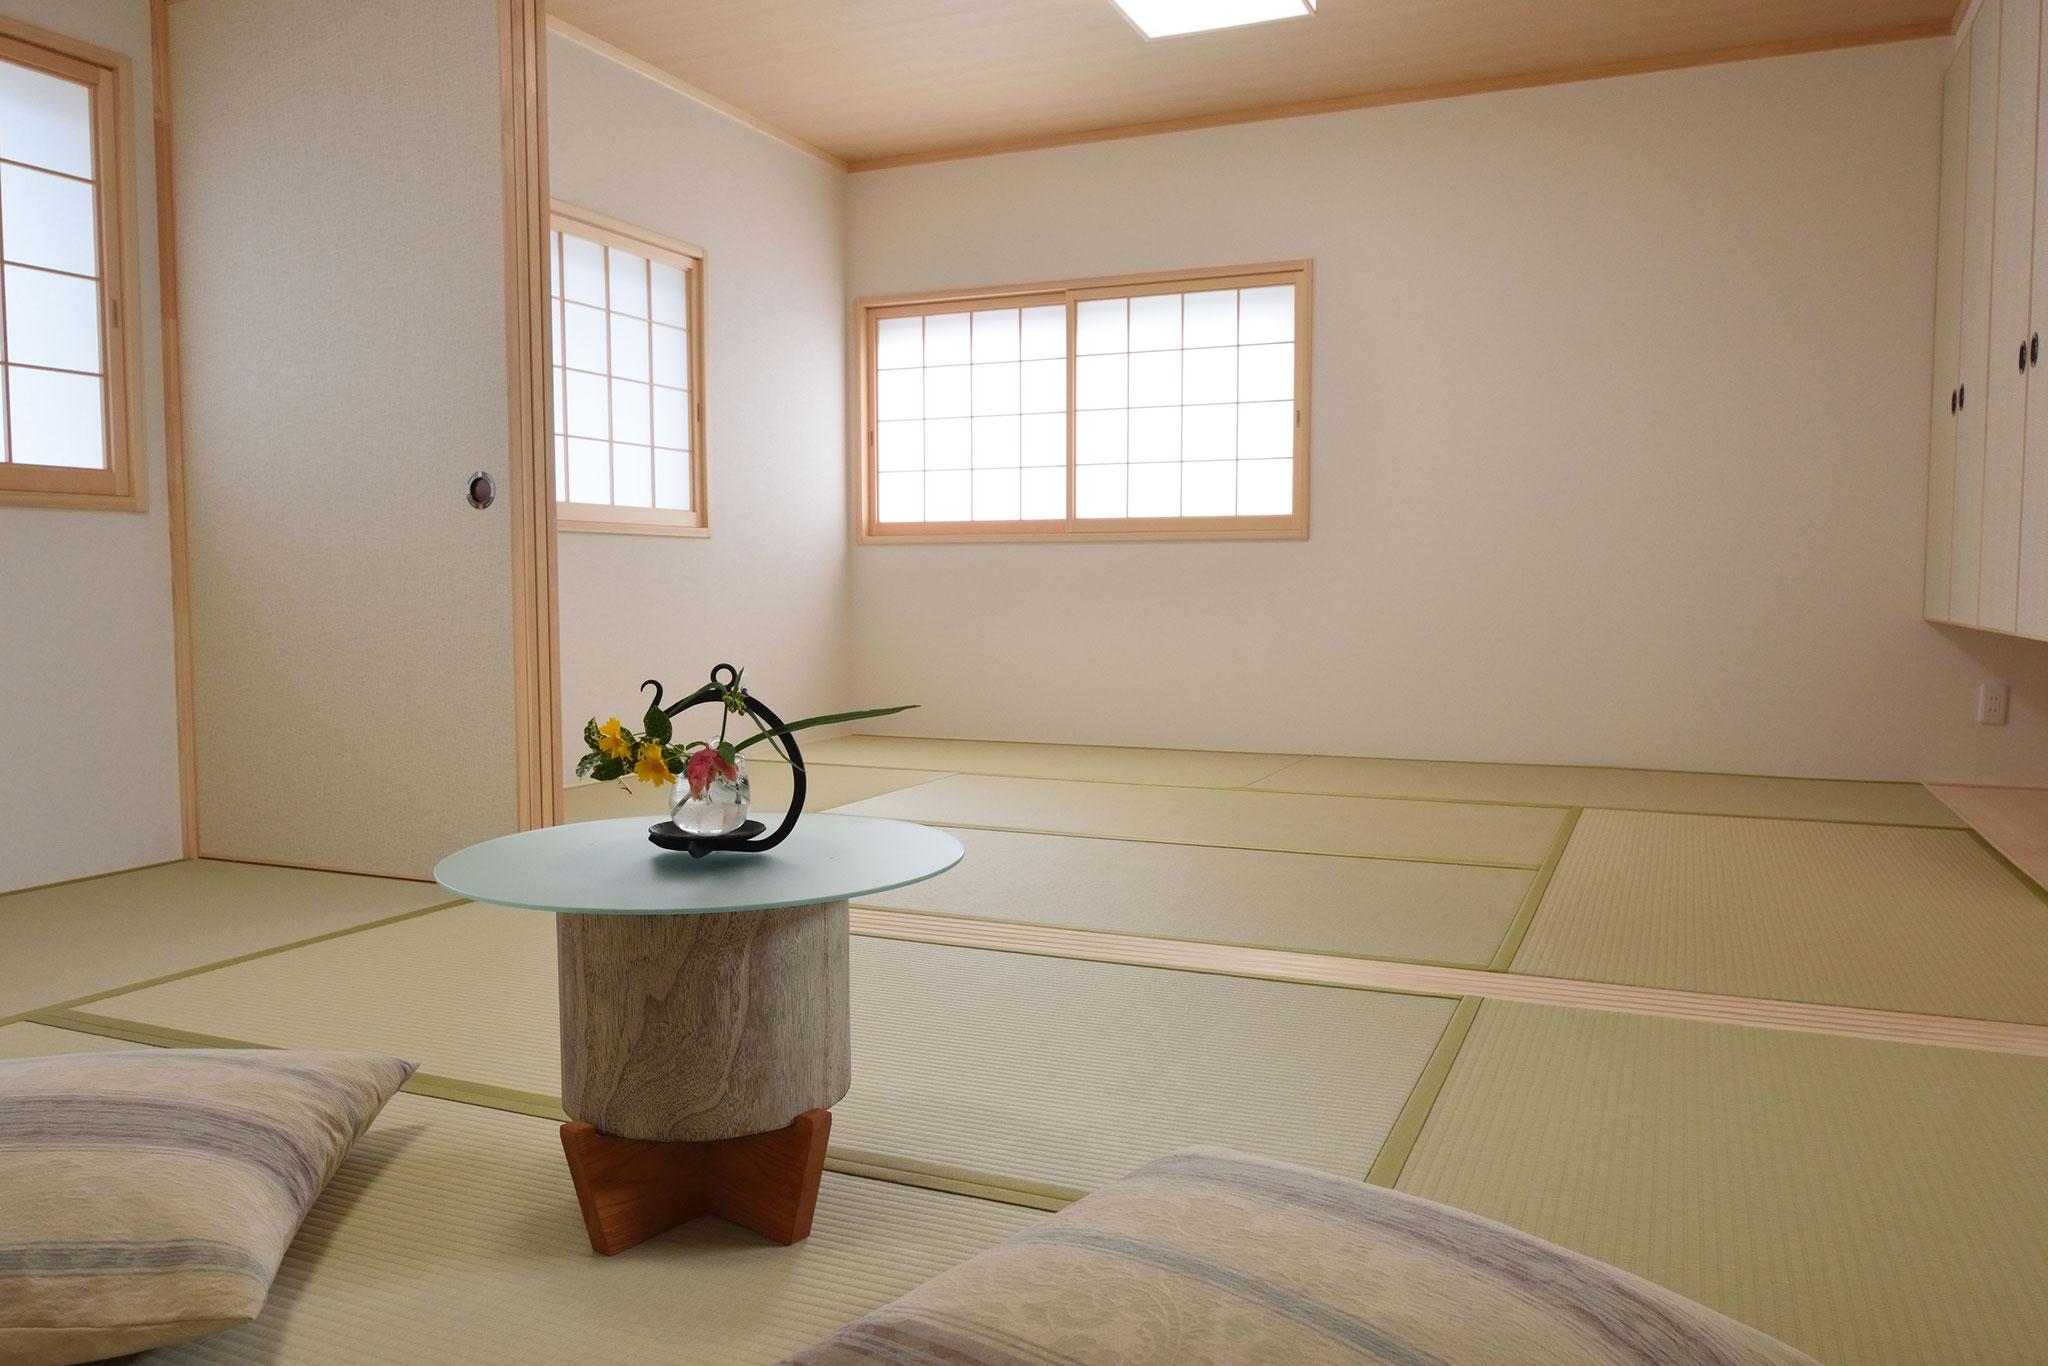 和室続き間12帖個室もレンタルできます!飲食物持込可